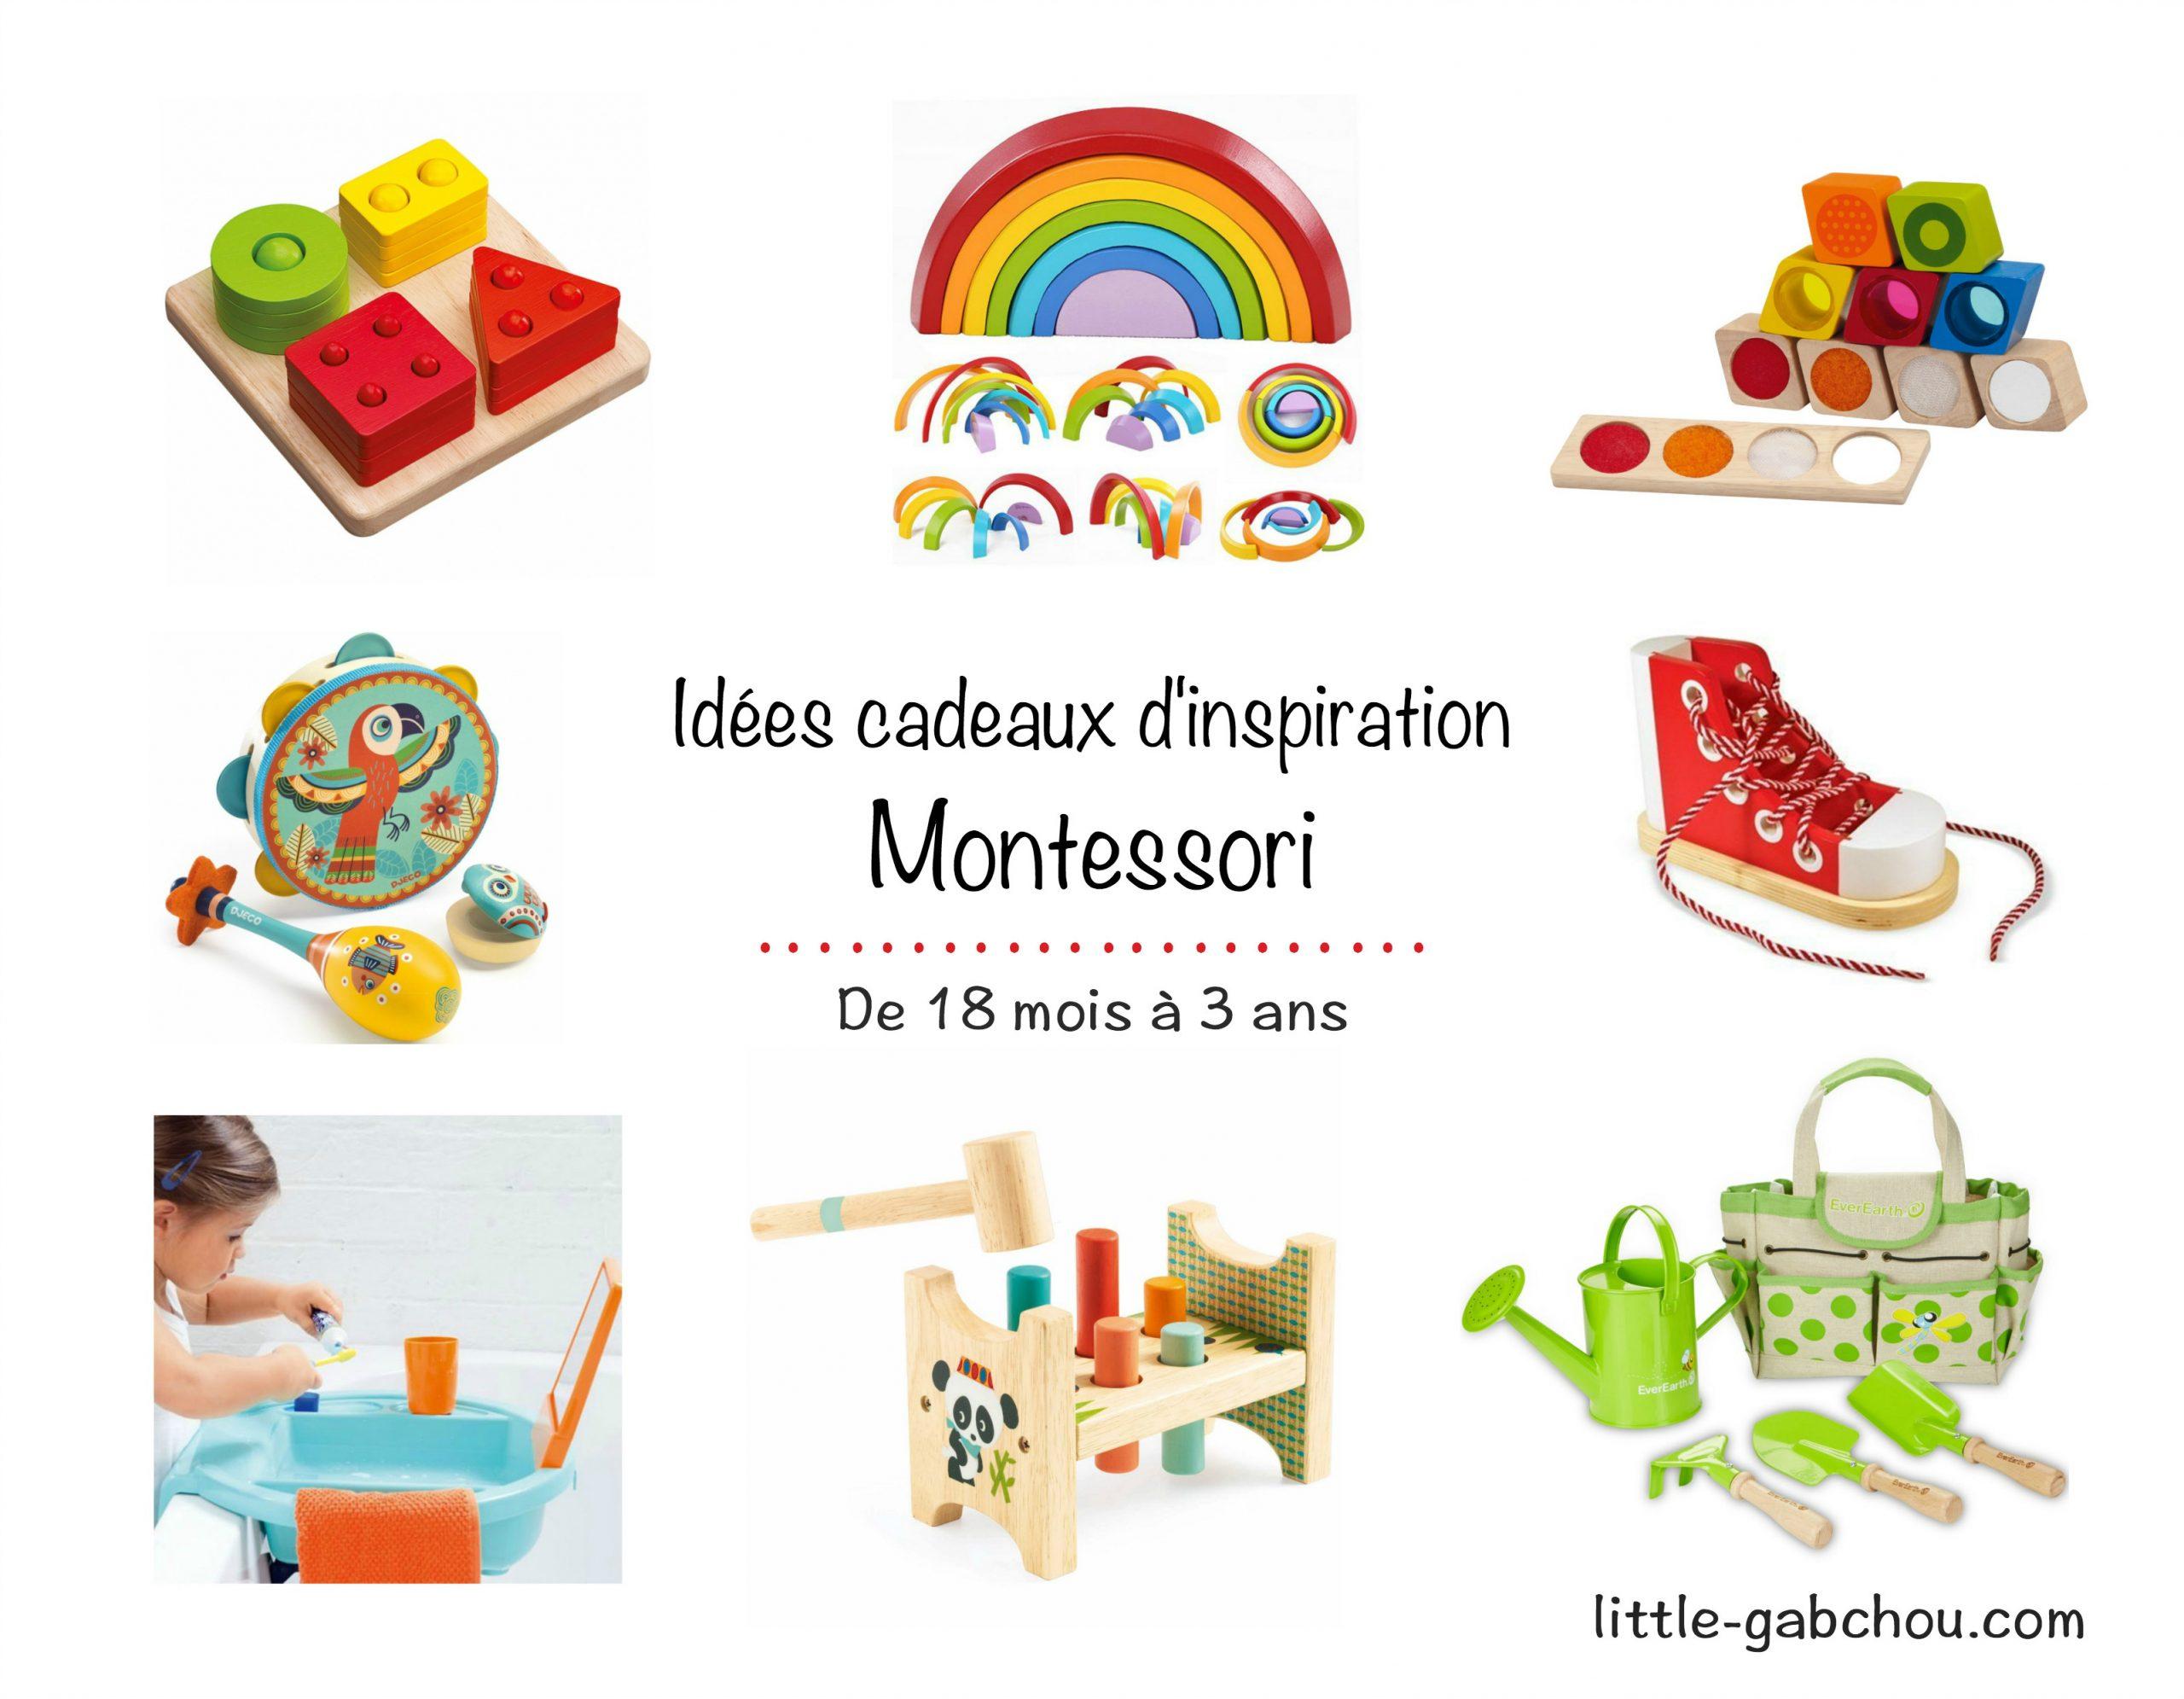 Idées Cadeaux Montessori Pour Enfants De 18 Mois À 3 Ans destiné Jeux Bebe 3 Ans